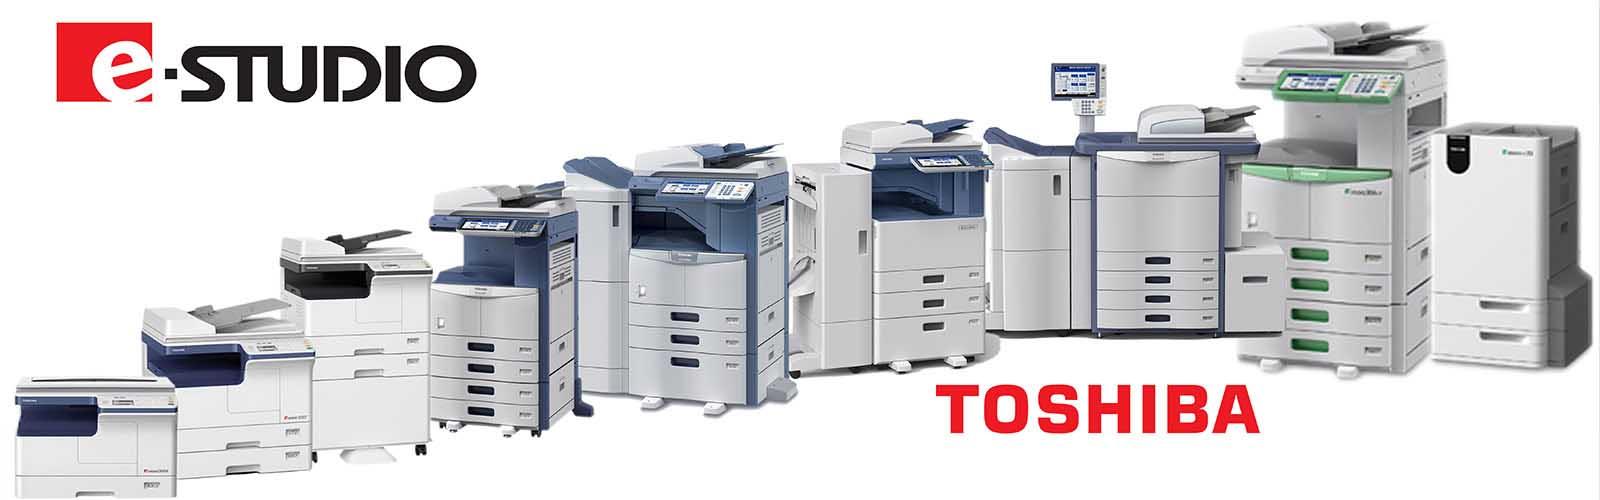 دستگاه کپی Es-2006 توشیبا